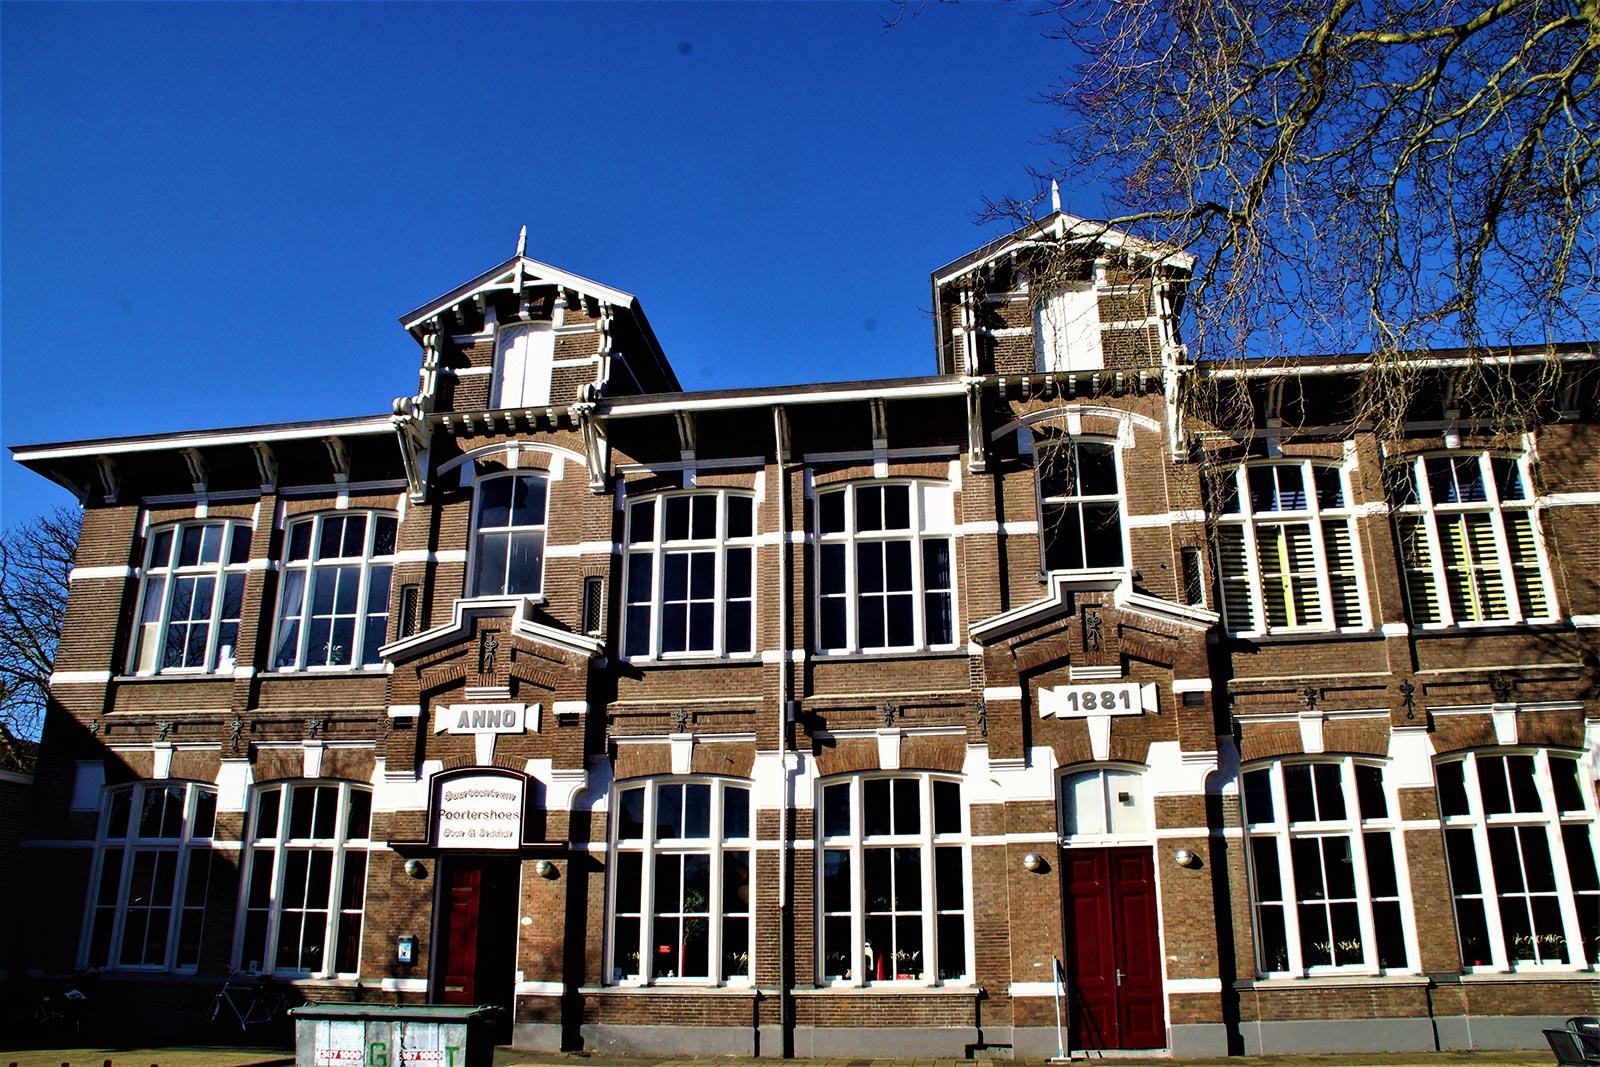 Buurtcentrum Poortershoes